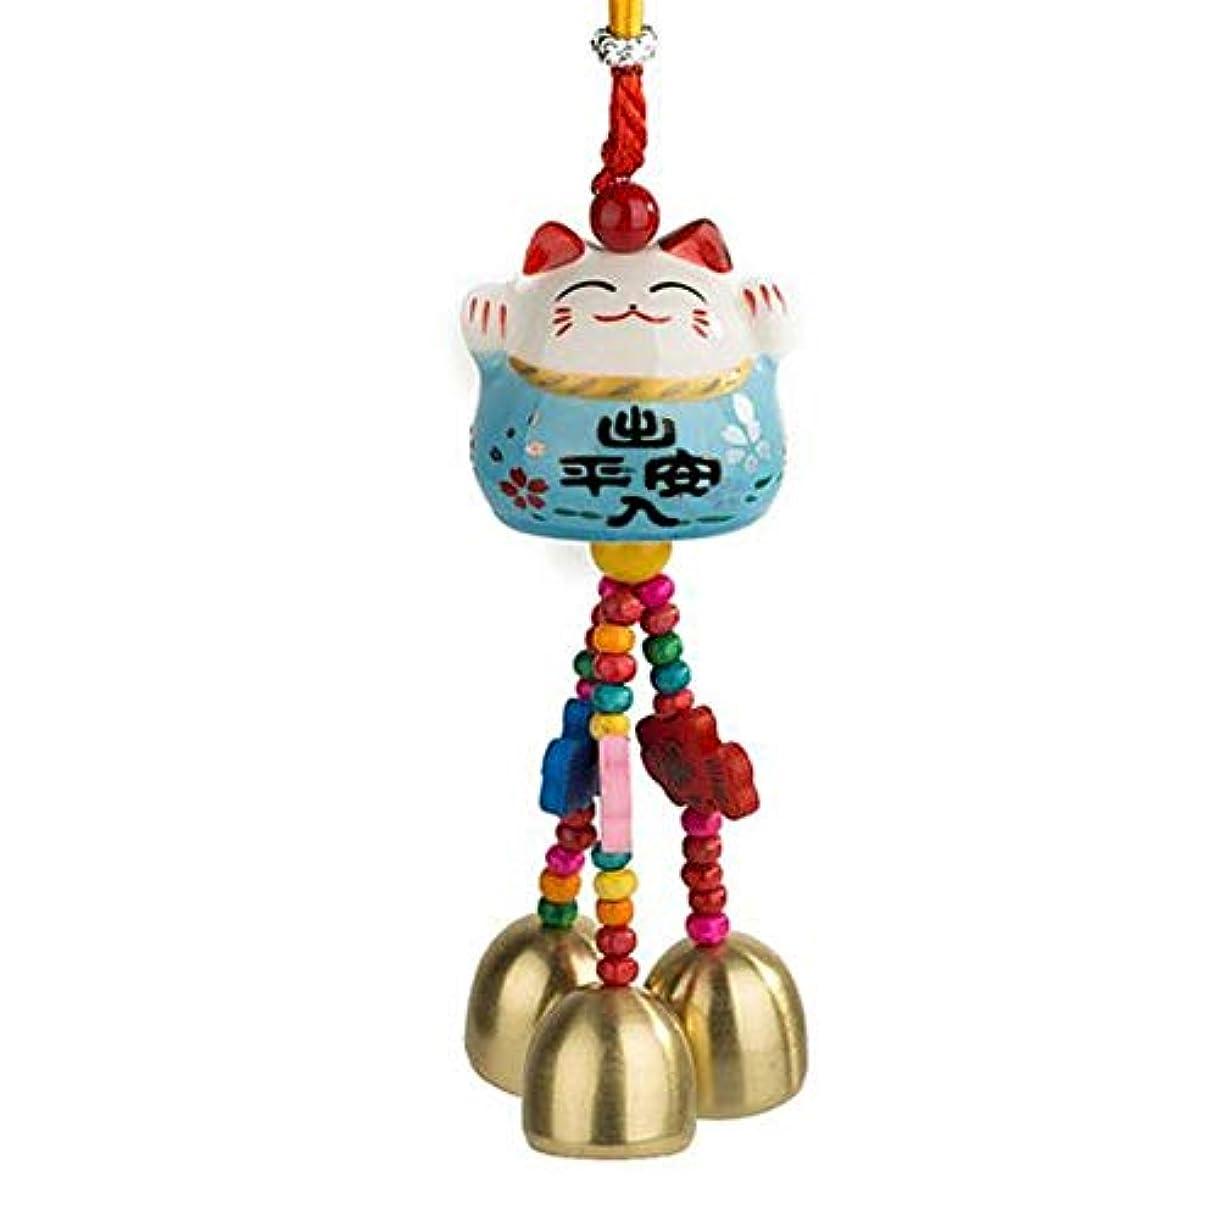 ポゴスティックジャンプ加入吸収するKaiyitong01 風チャイム、かわいいクリエイティブセラミック猫風の鐘、ブルー、ロング28センチメートル,絶妙なファッション (Color : Blue)